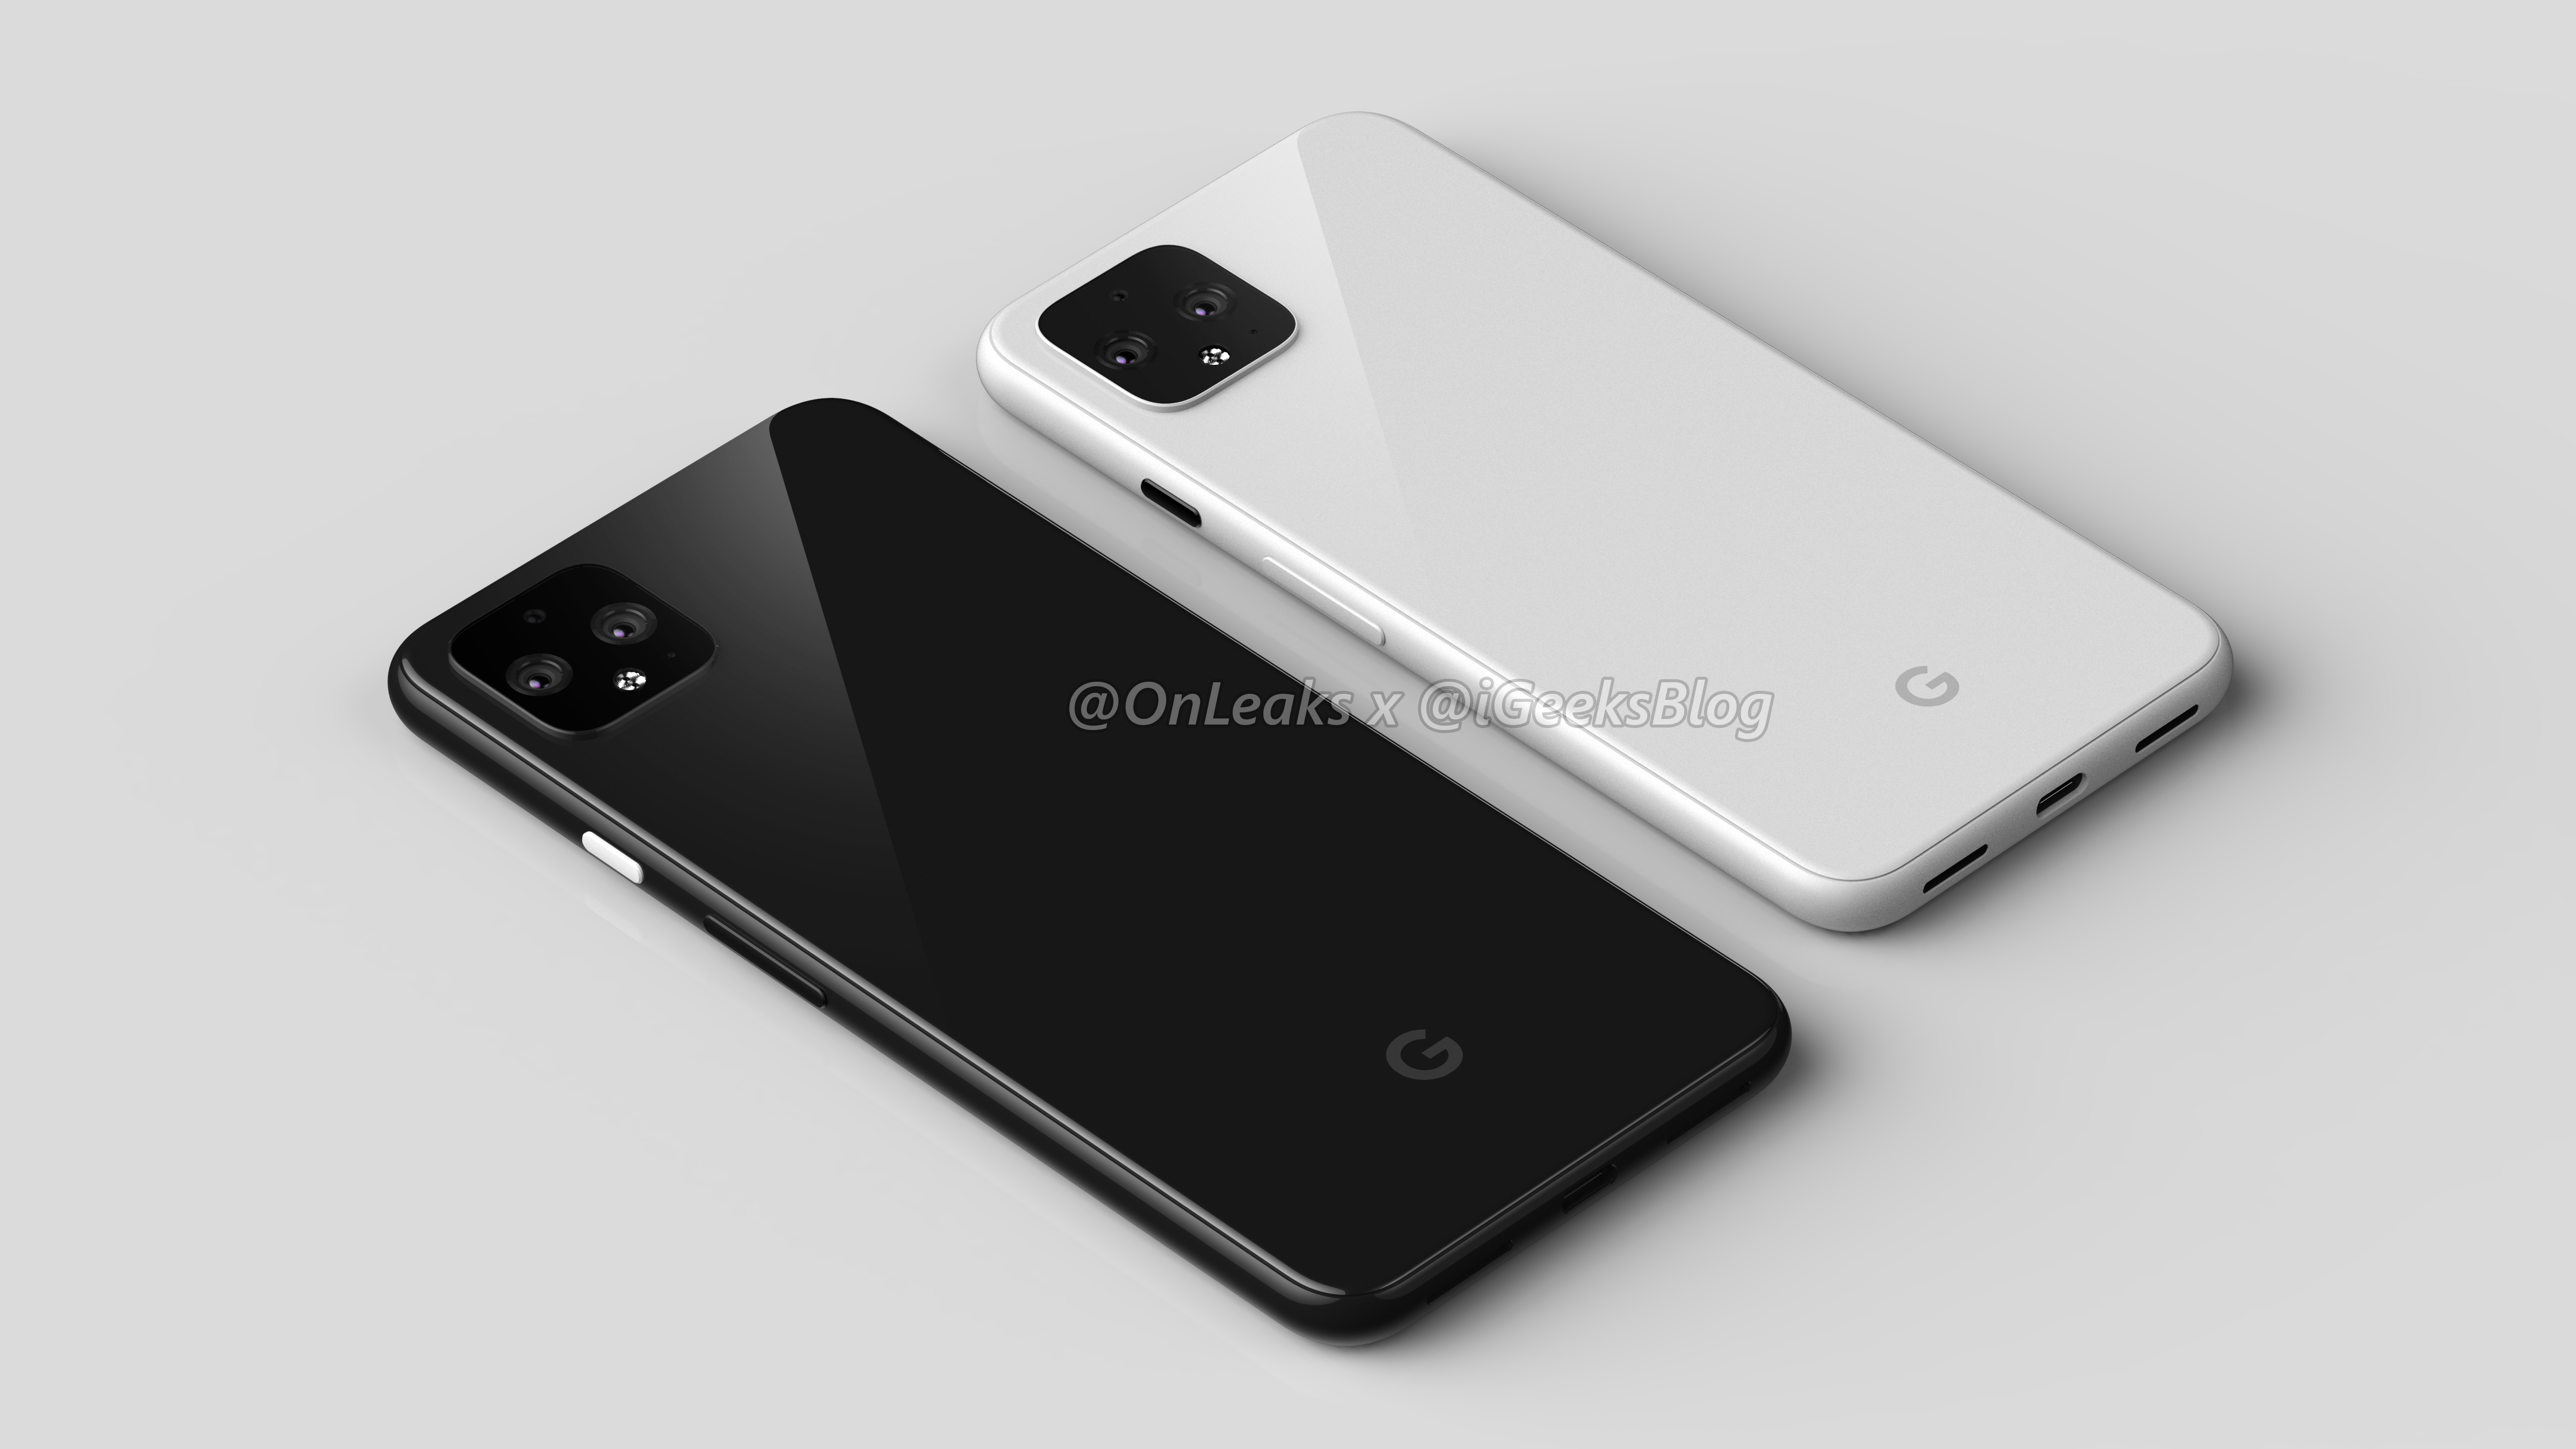 Google Pixel 4 rendery kiedy premiera specyfikacja techniczna wycieki plotki przecieki opinie Onleaks